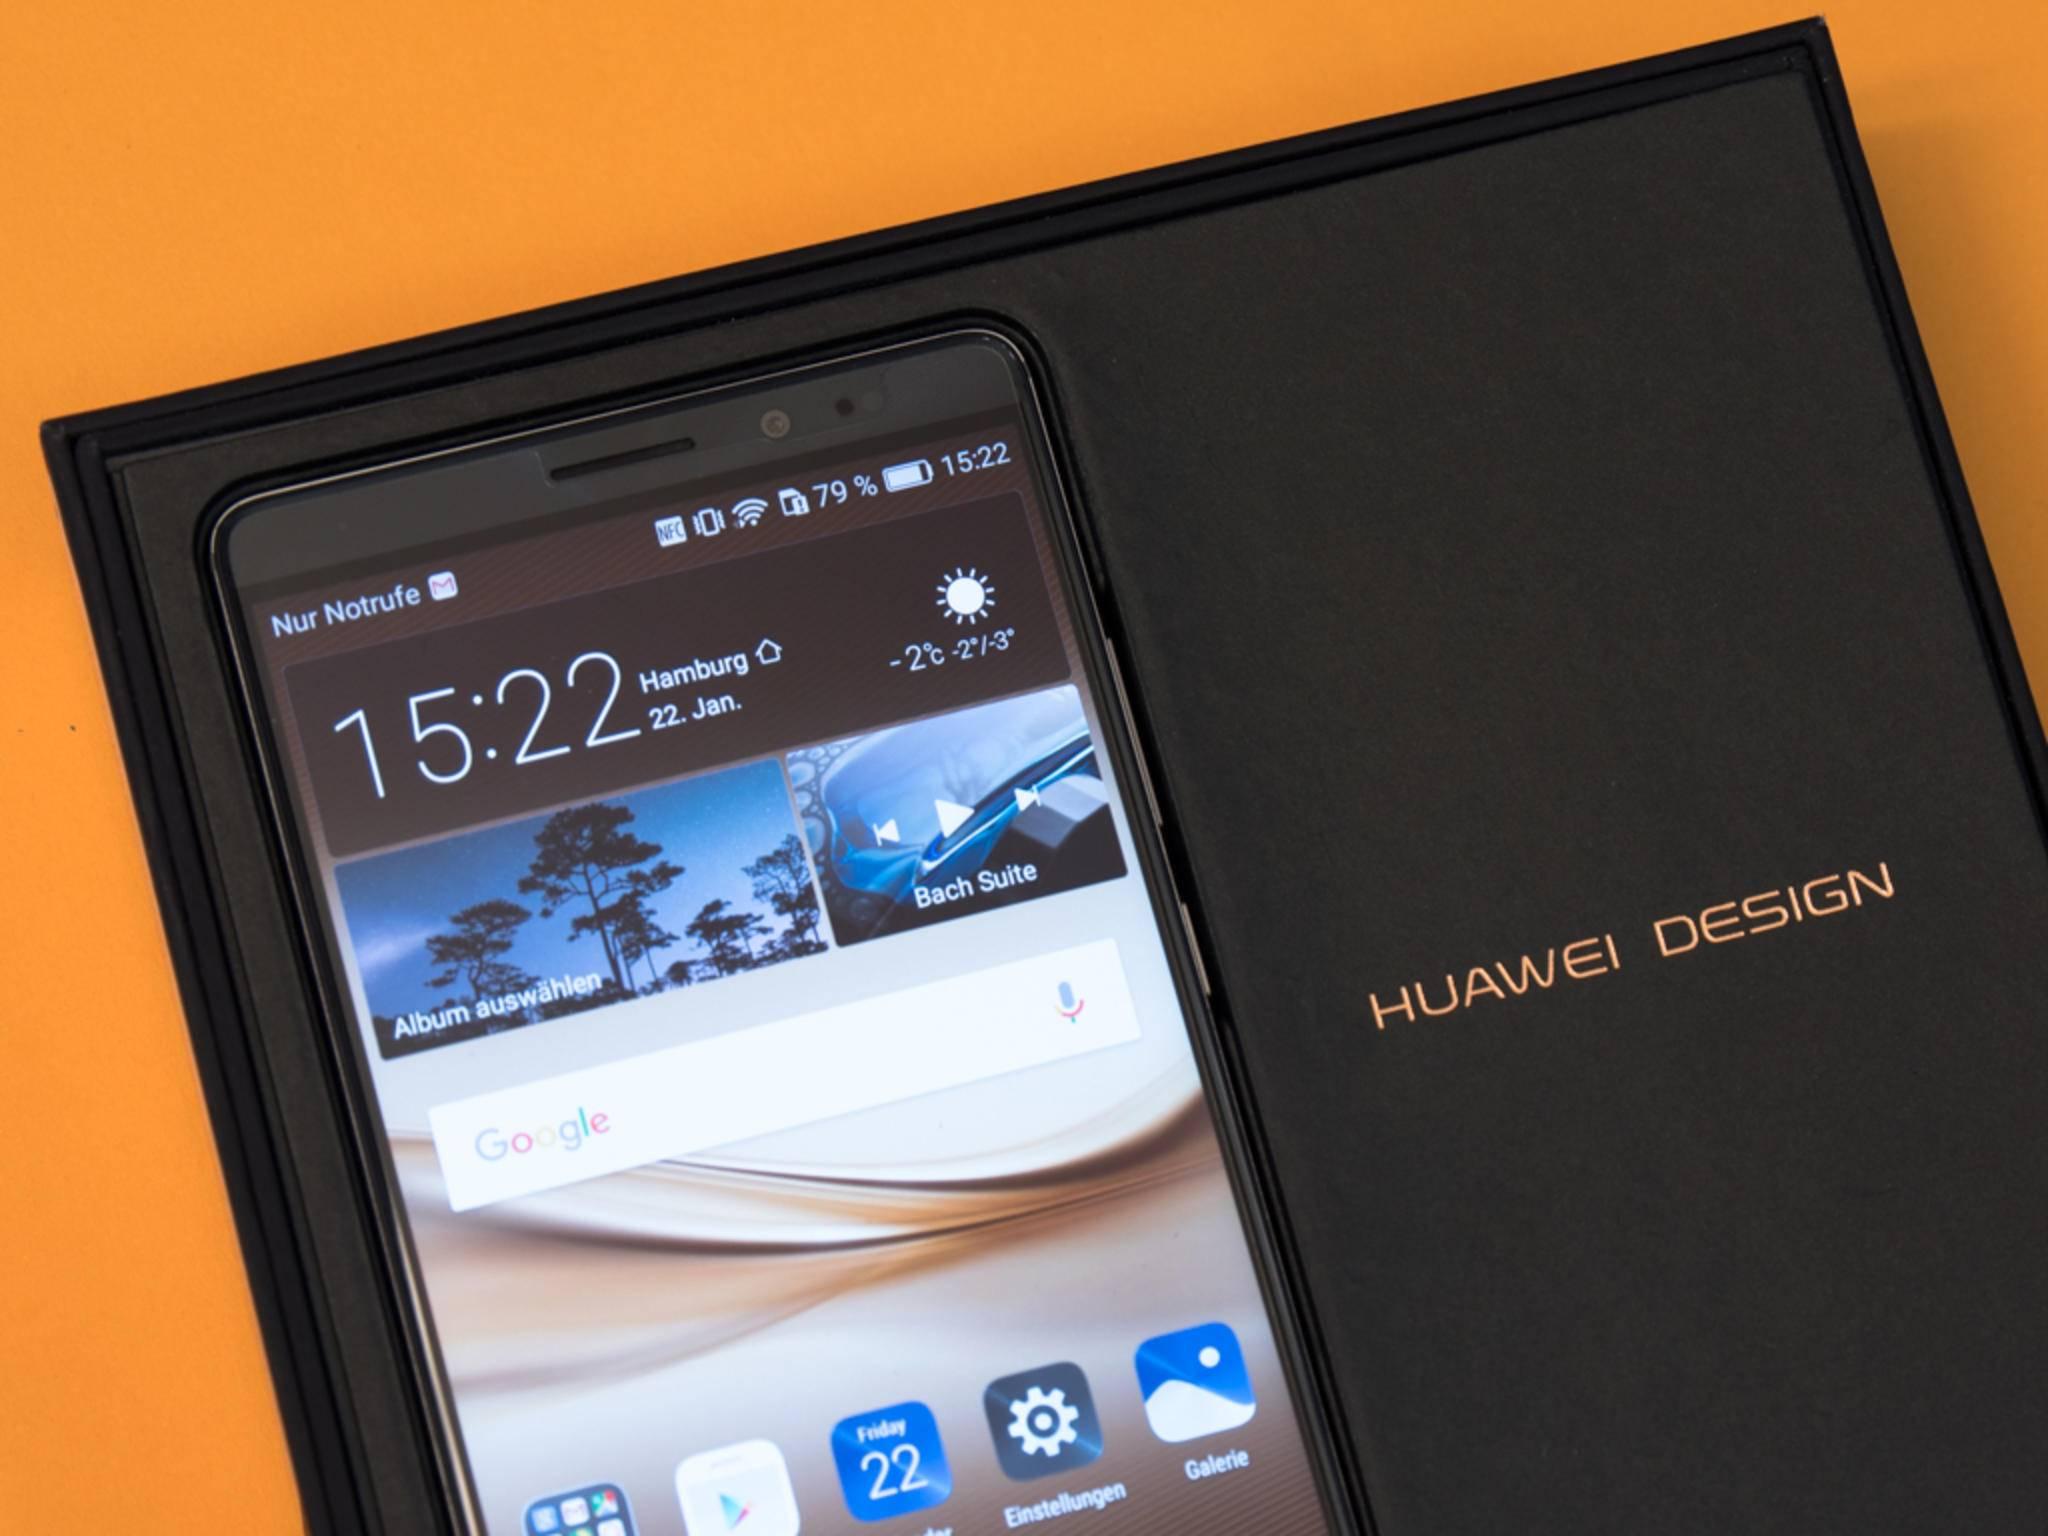 Huawei sieht sich mittlerweile im Premiumsegment.